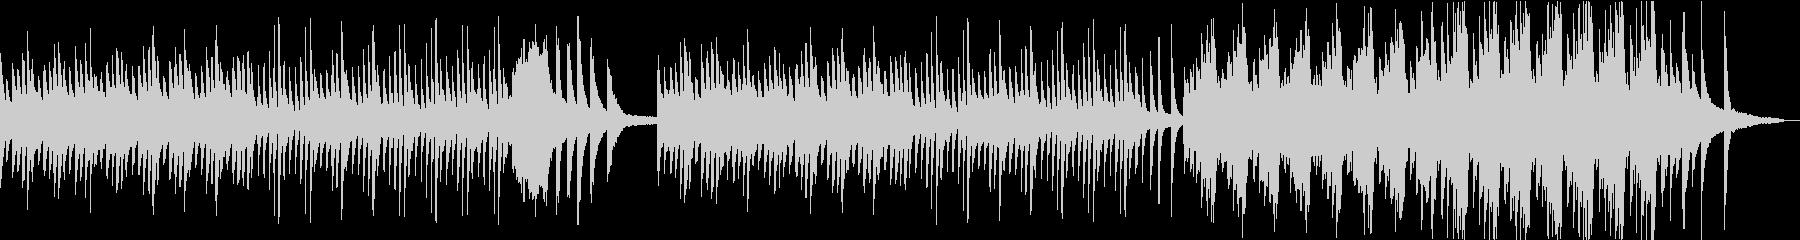 水面の波紋のように揺れたピアノ曲の未再生の波形